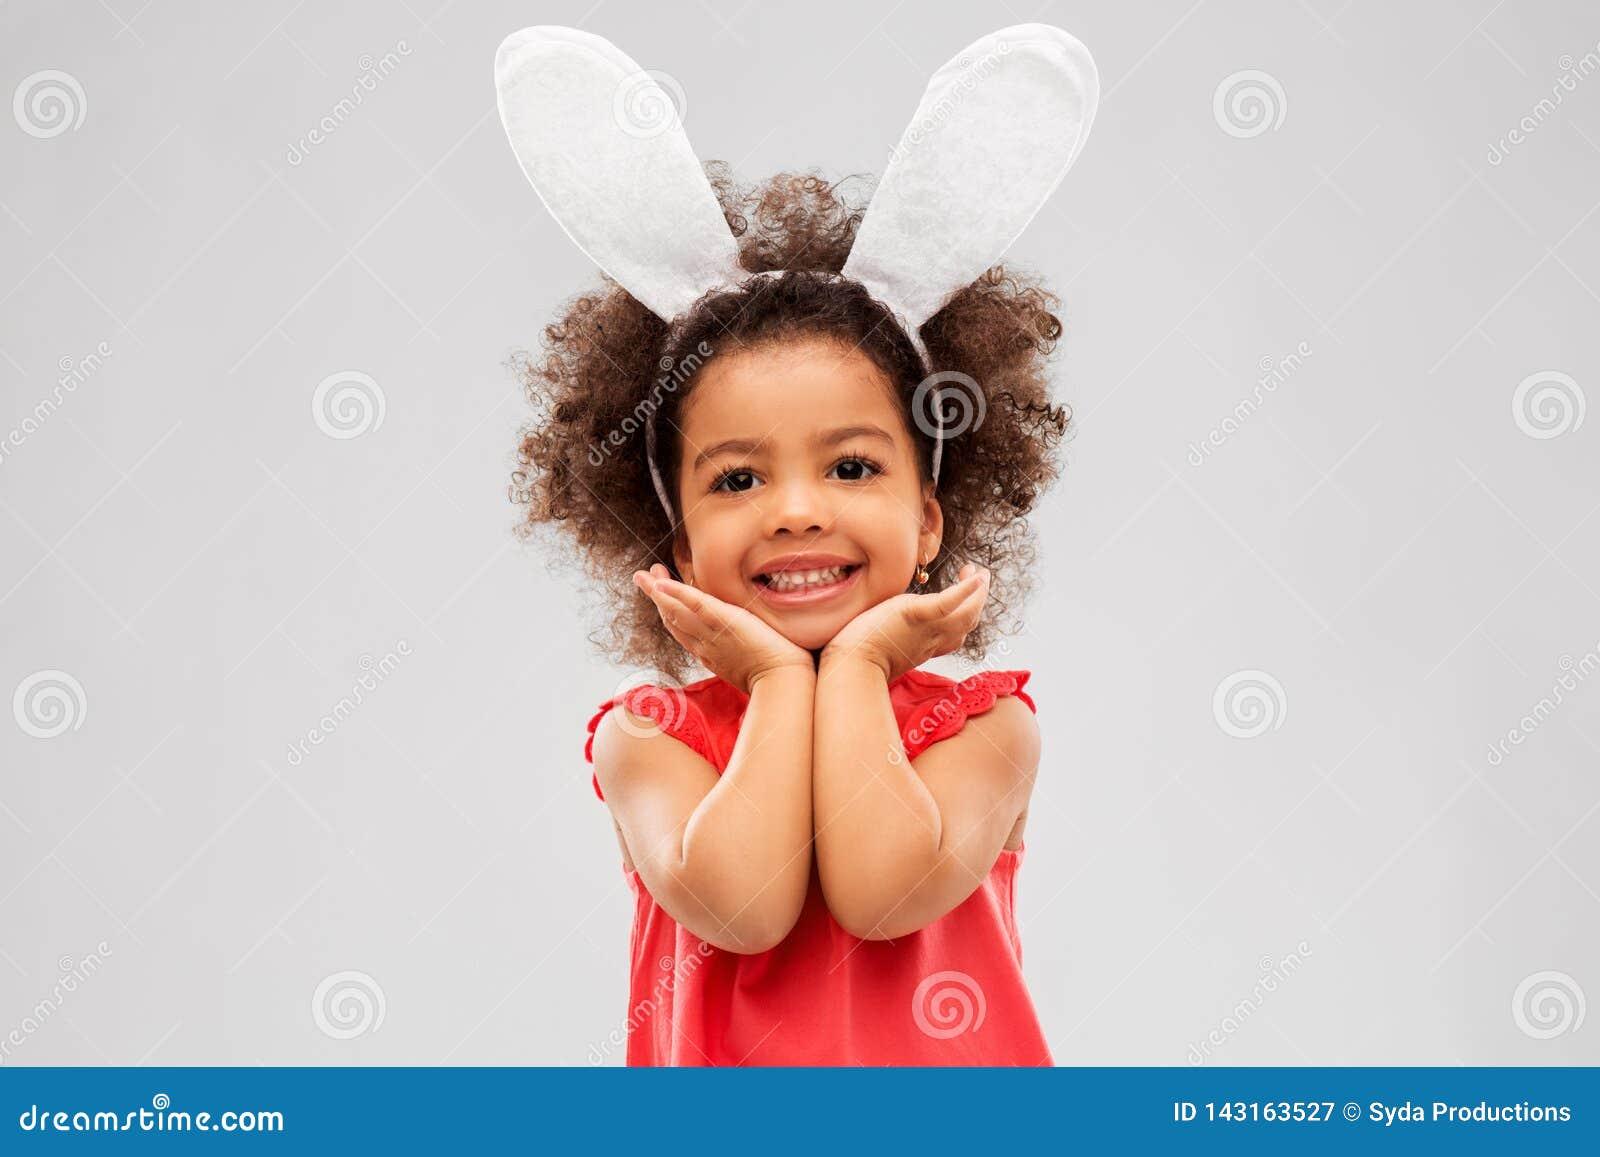 Happy little girl wearing easter bunny ears posing